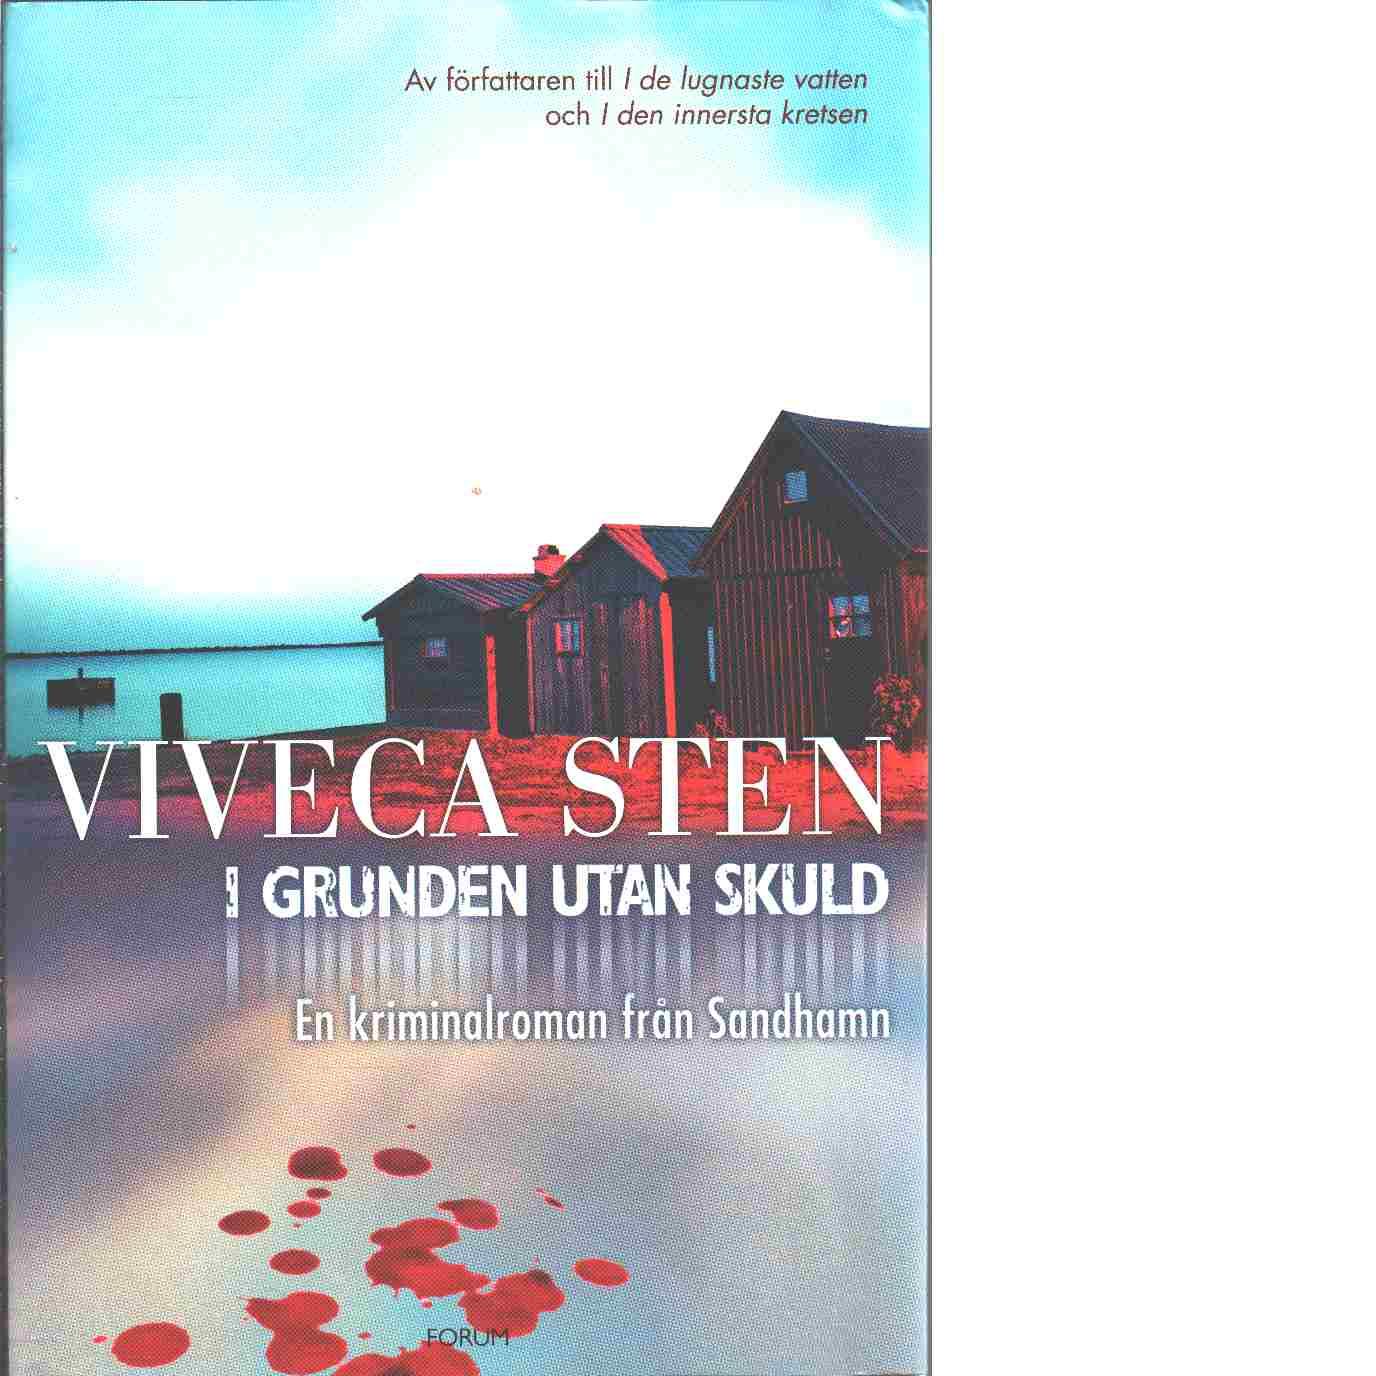 I grunden utan skuld - Sten, Viveca